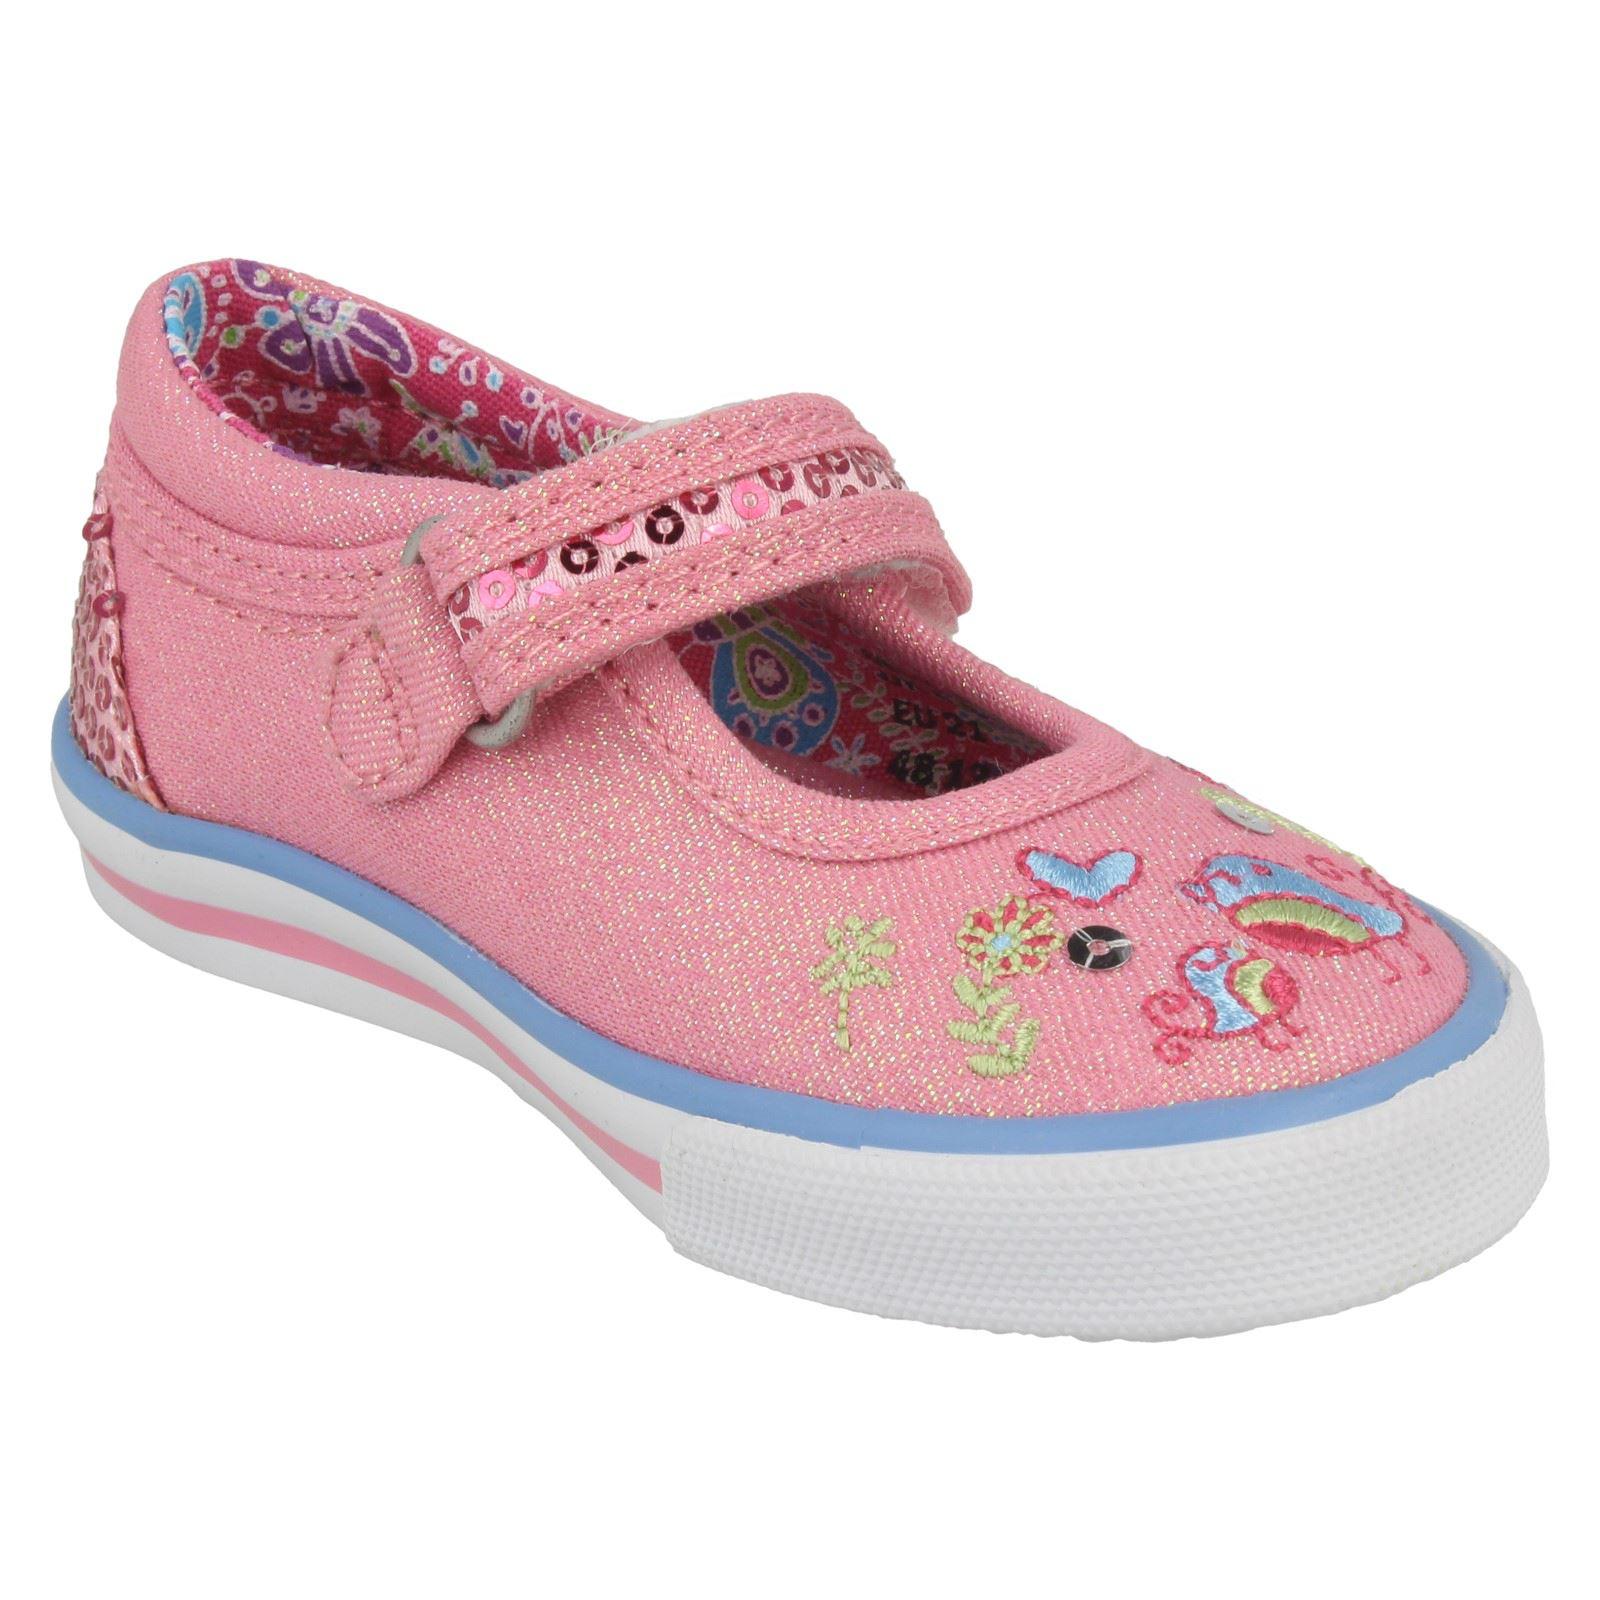 1009c89300cc9 Enfant Fille Startrite Babies Velcro Paillettes Brillant Chaussures ...